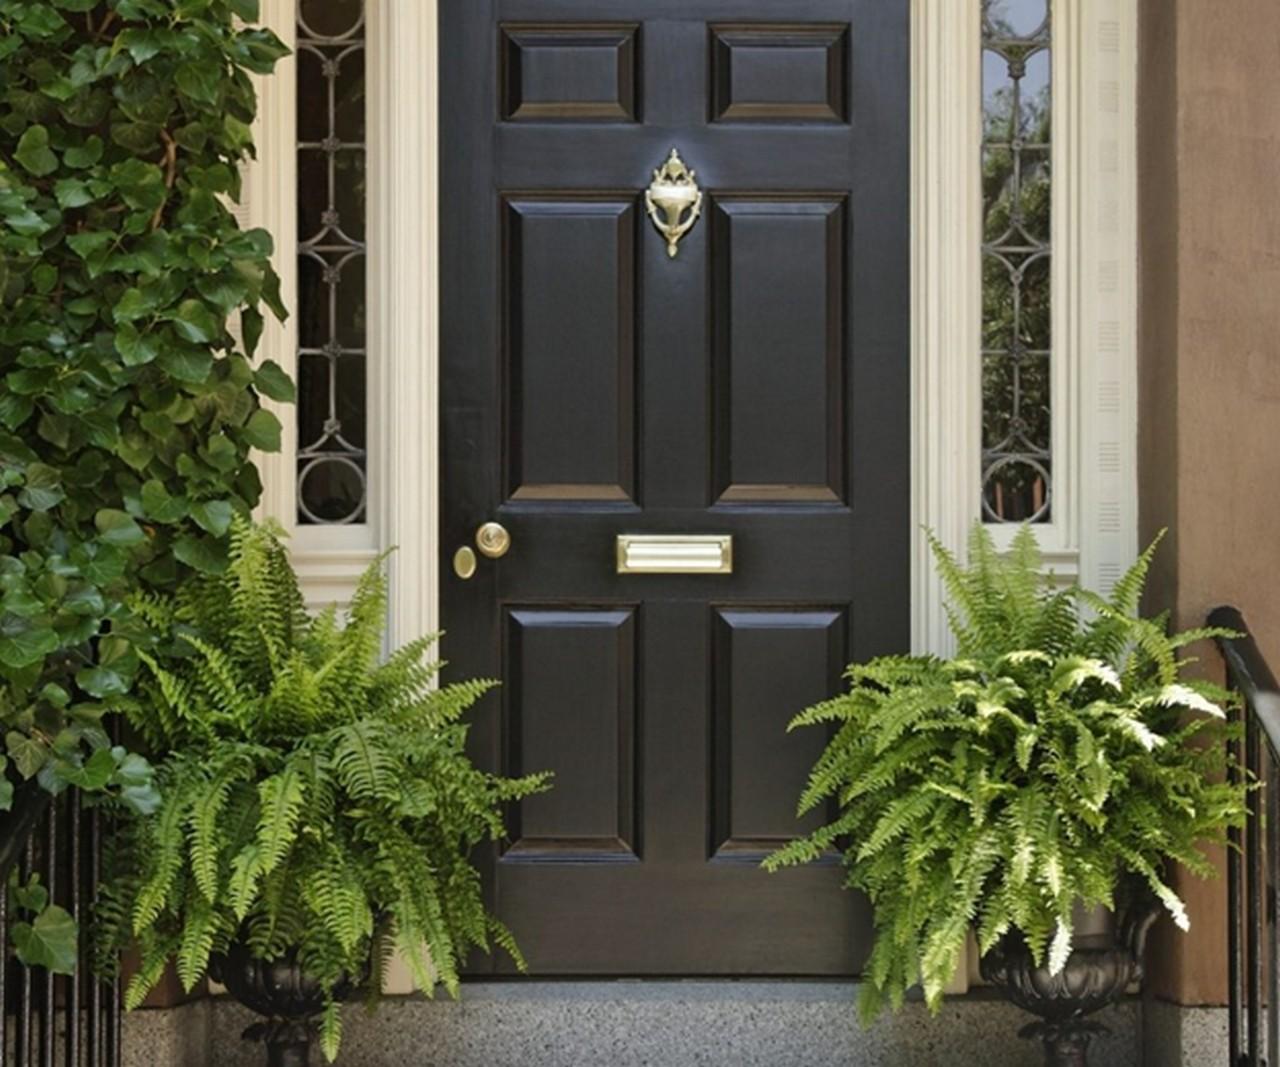 входная дверь – это визитная карточка любого дома